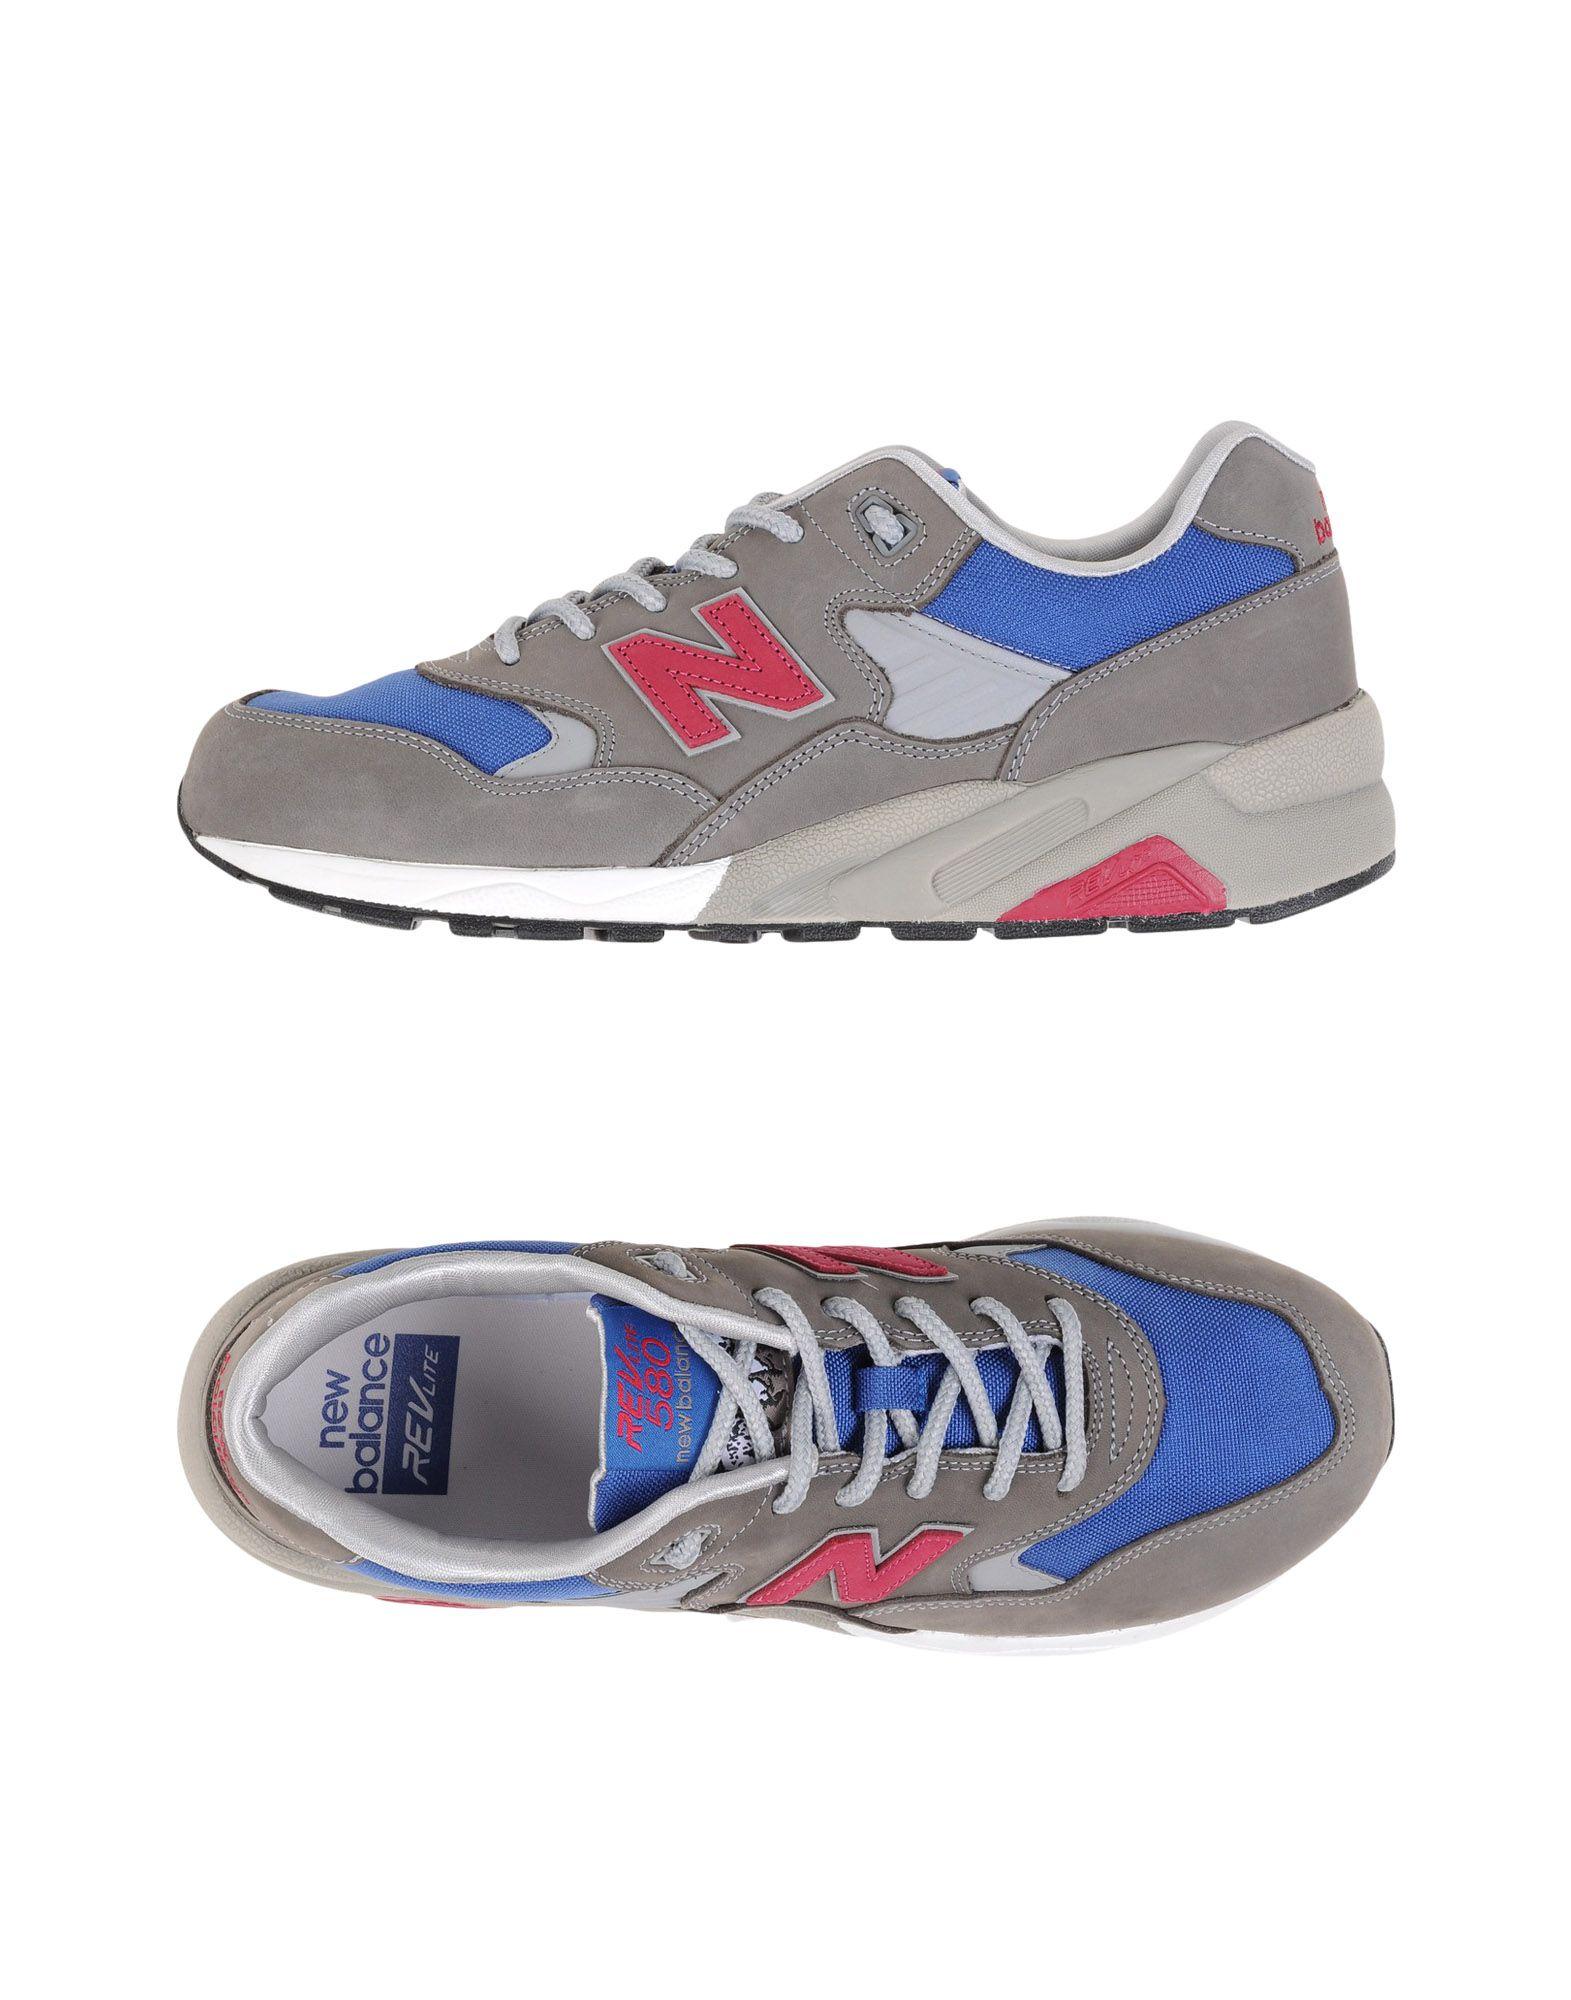 Sneakers New Balance 580 Nubuck - Uomo Uomo Uomo - 11104656VB 2a0b5d